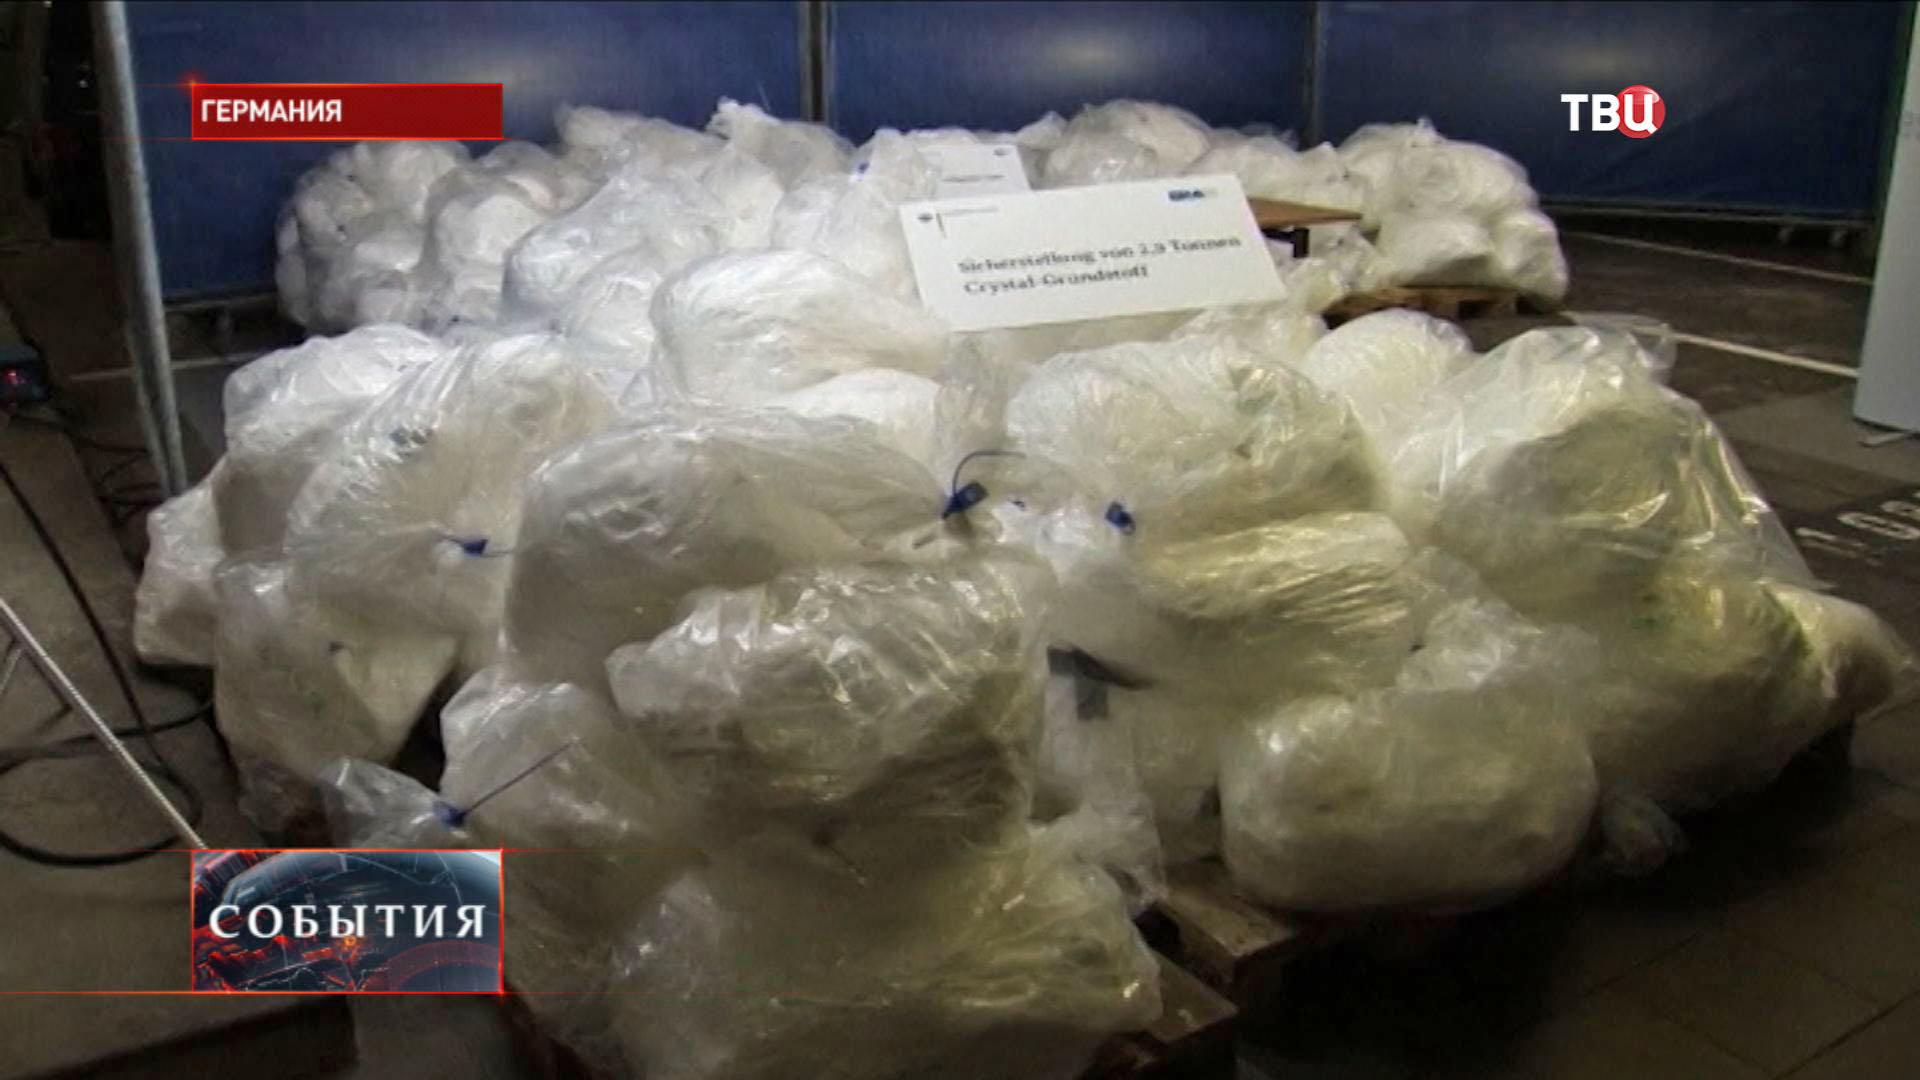 Изъятые наркотики в Германии